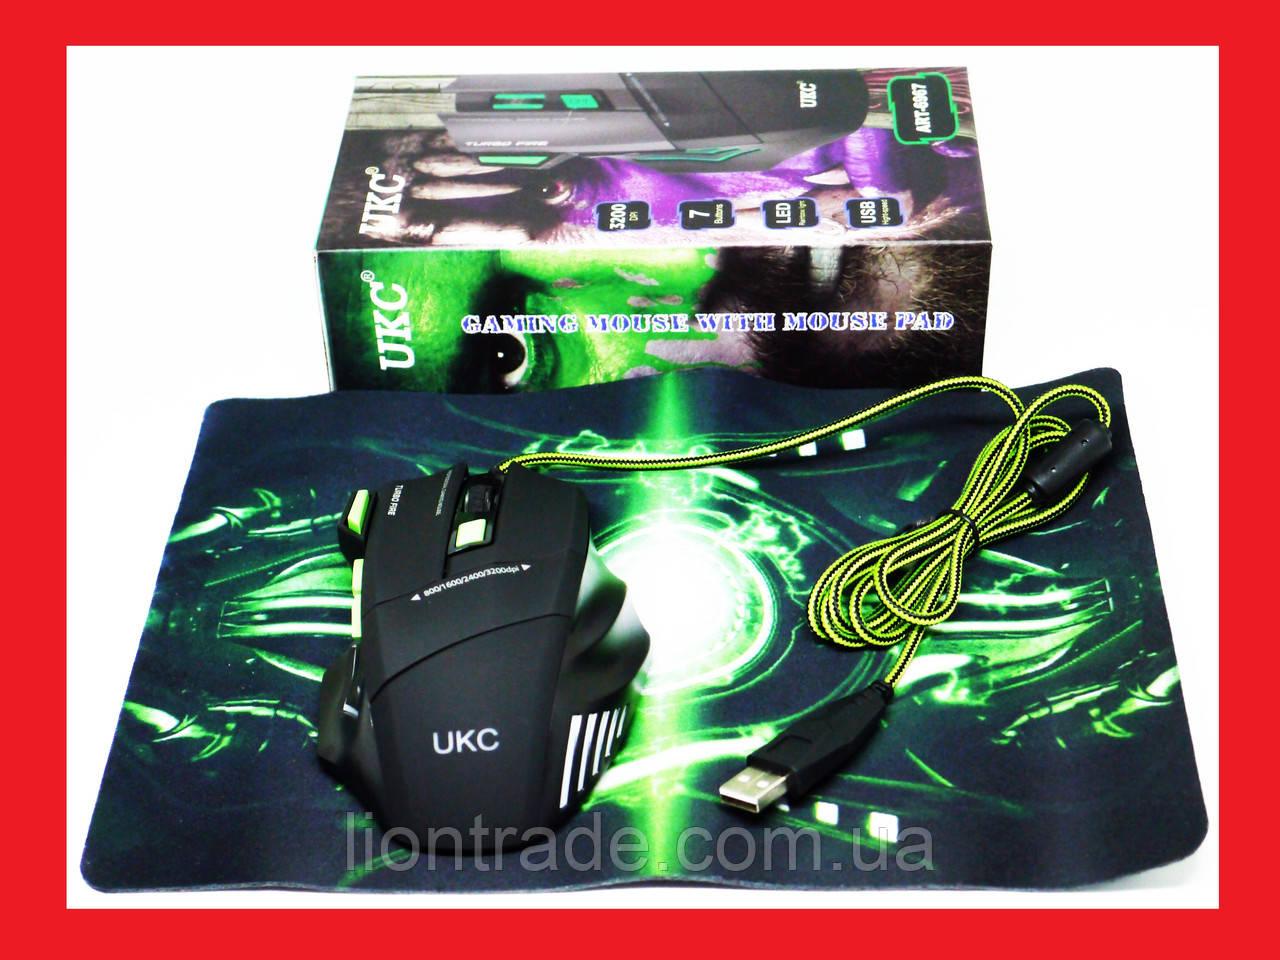 Игровая мышь UKC X-7 + коврик (USB проводная RGB подсветка)